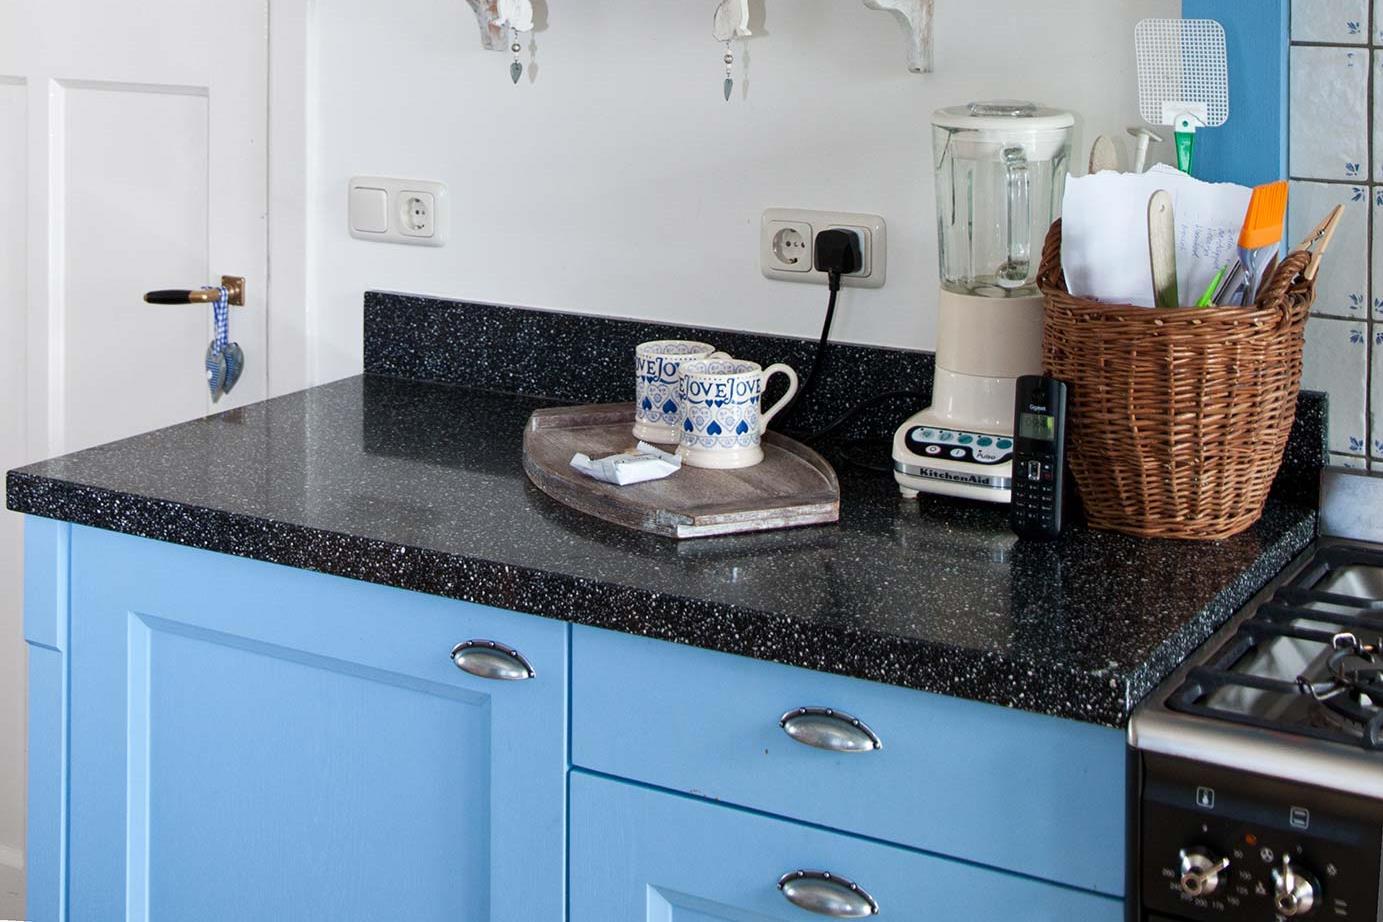 Handgrepen Keuken Zwart : Zwarte handgrepen keuken unique een donkere handgreep past